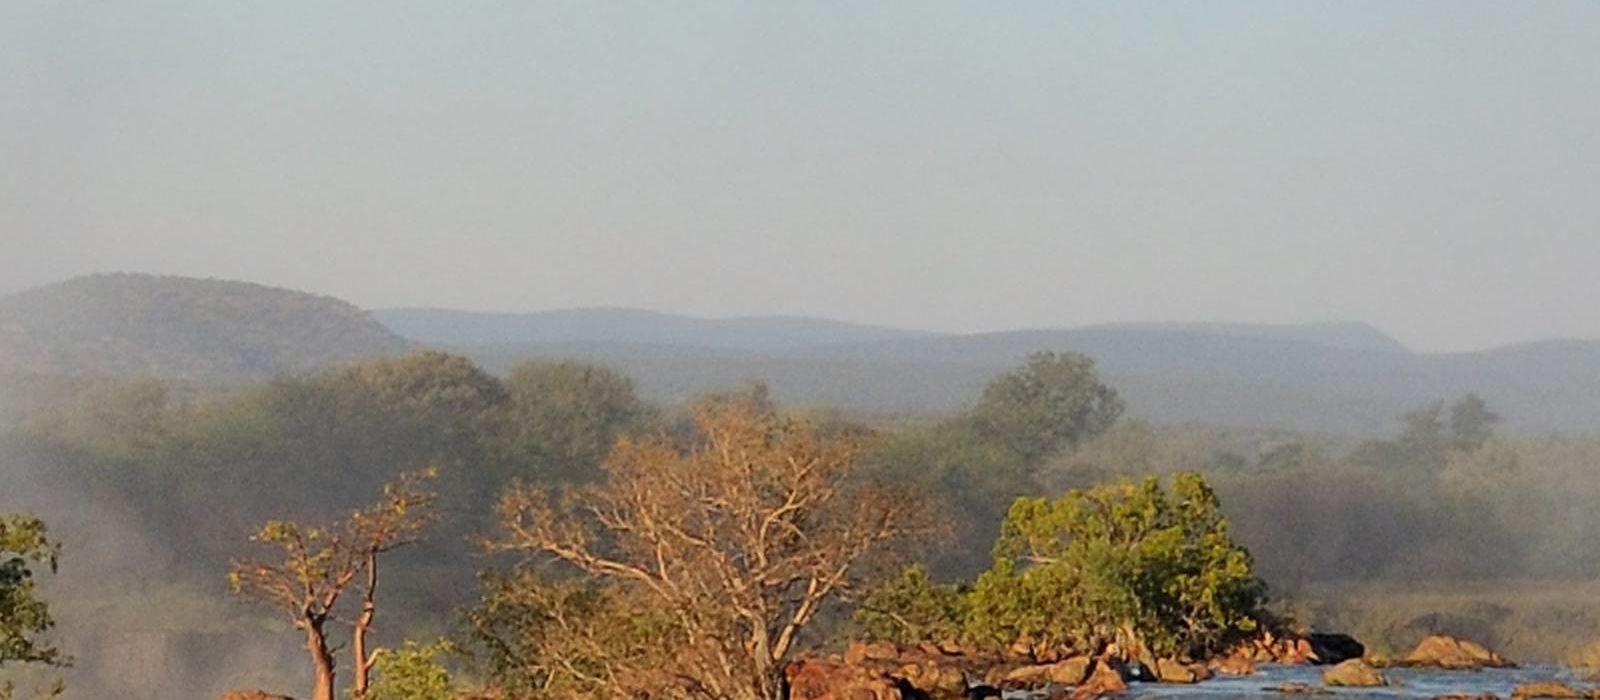 Destination Kaokoland Namibia